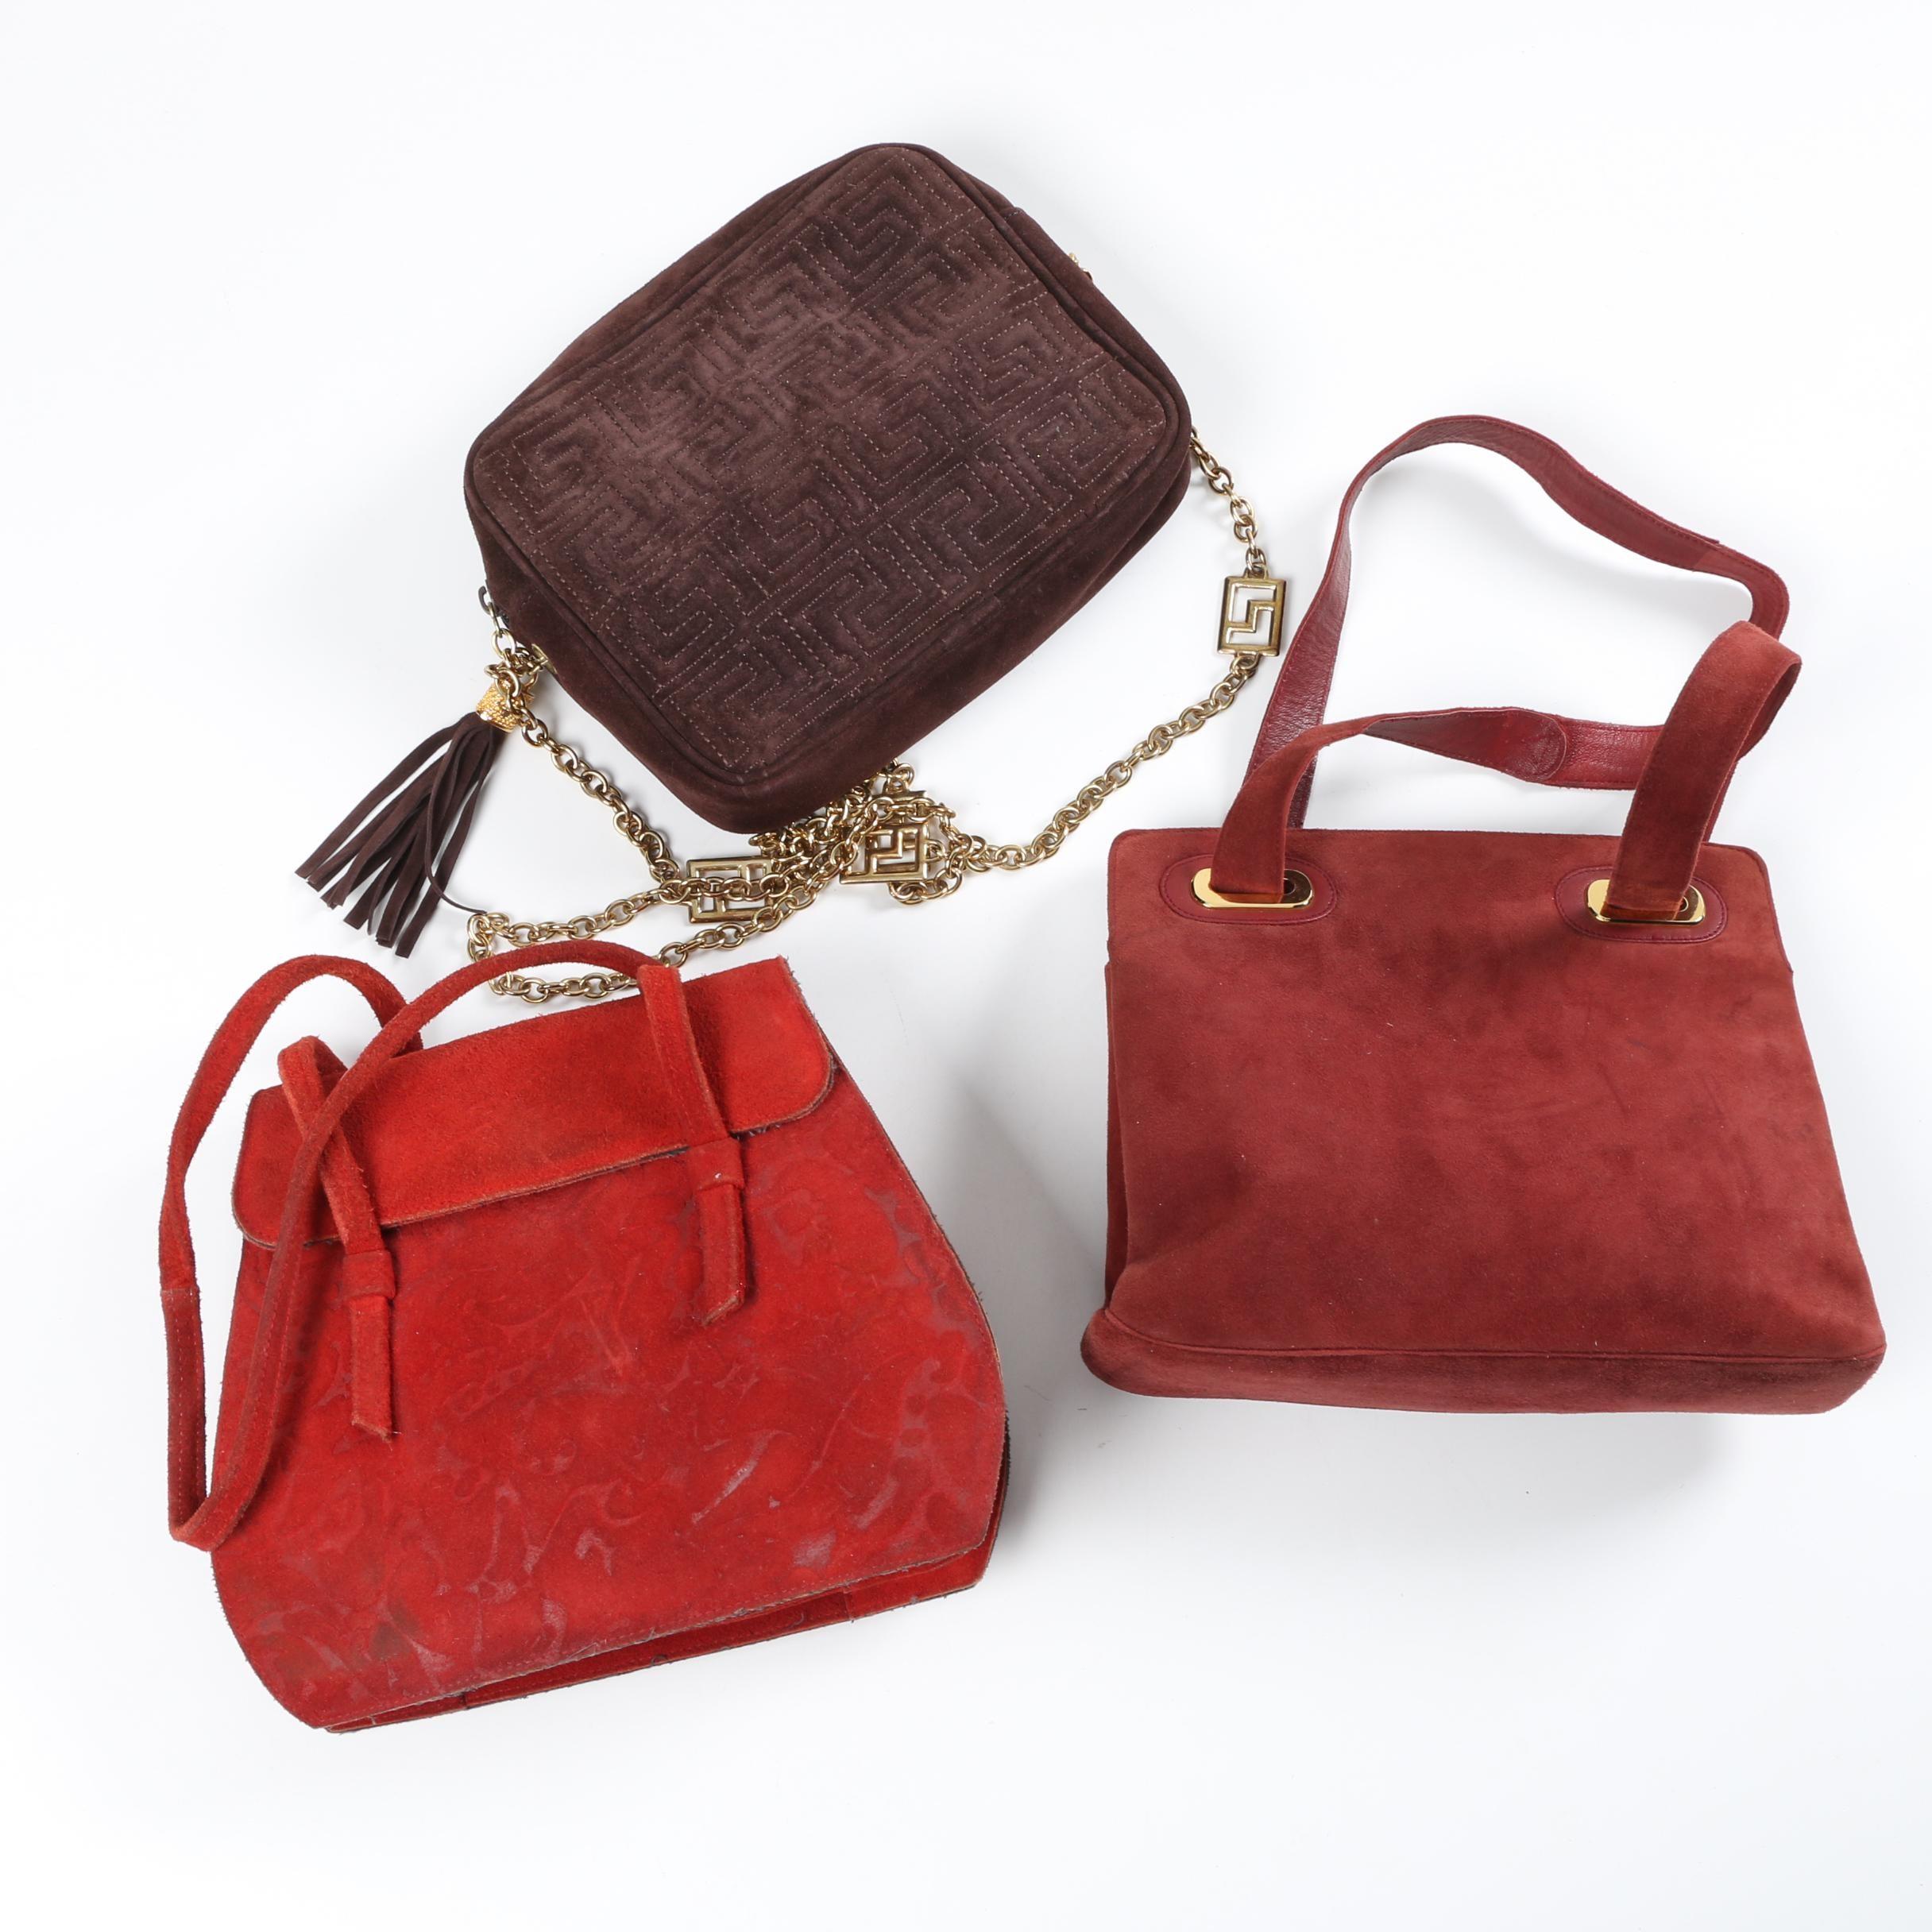 1970s Vintage Suede Handbags Including Ferragamo and Saks Fifth Avenue